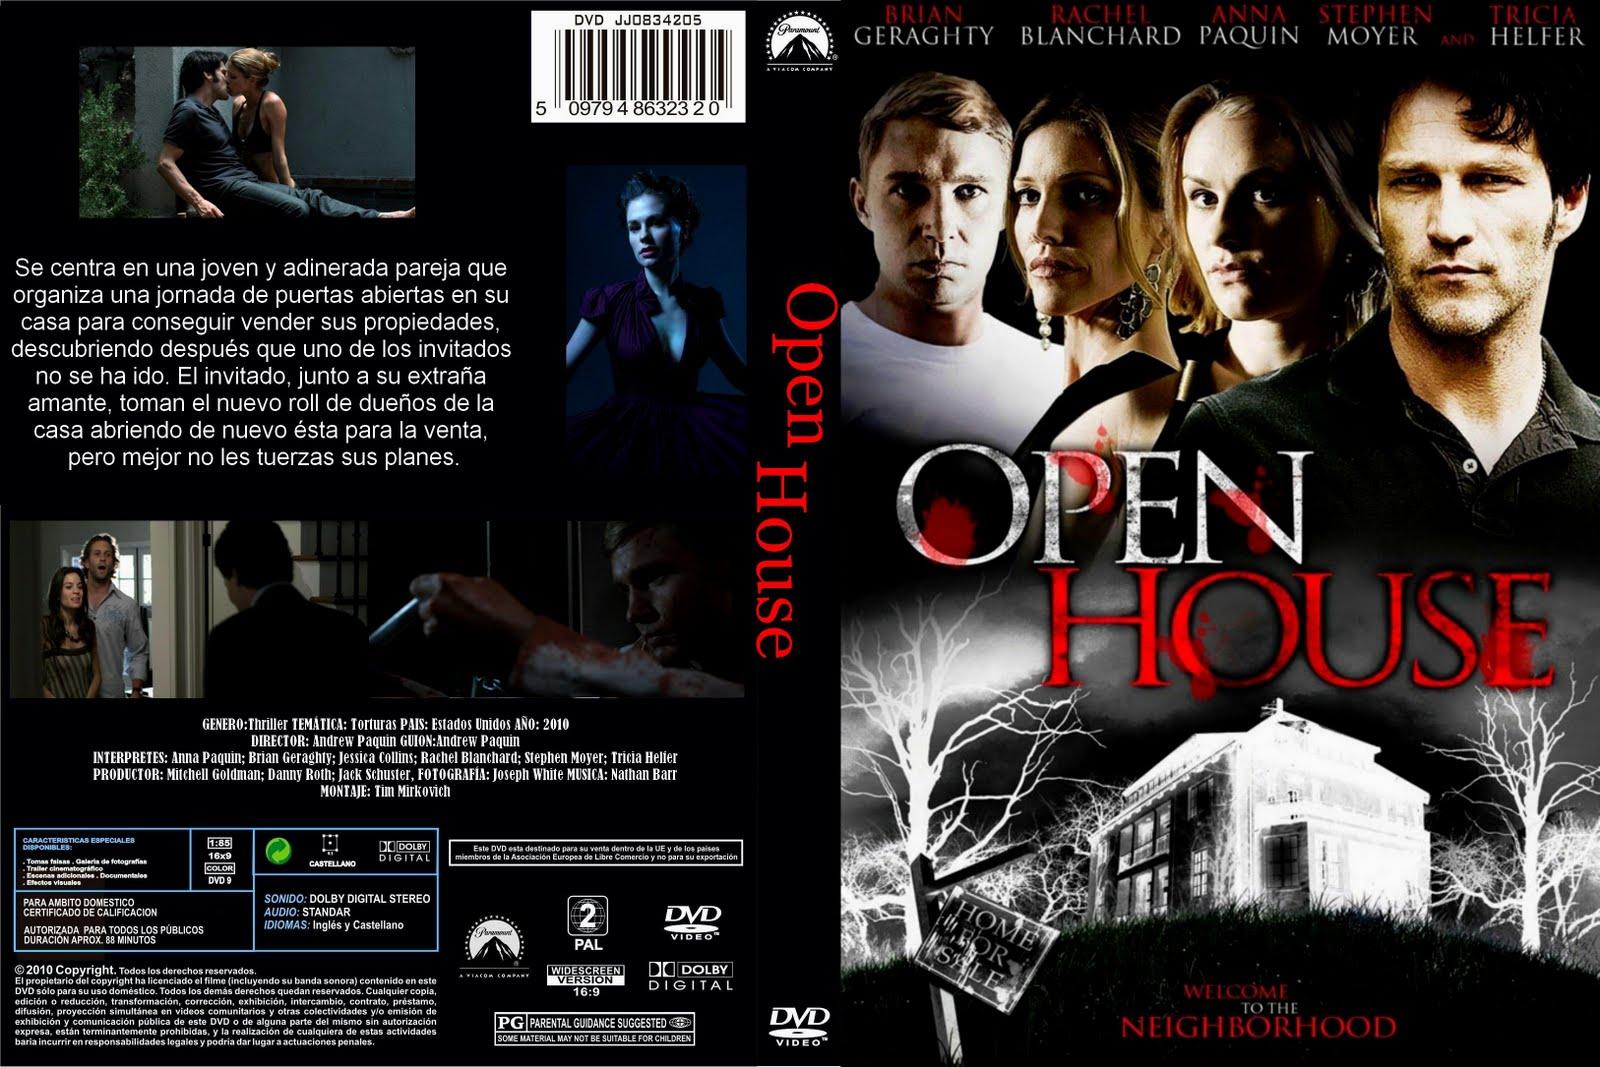 Peliculas En Dvd 08 08